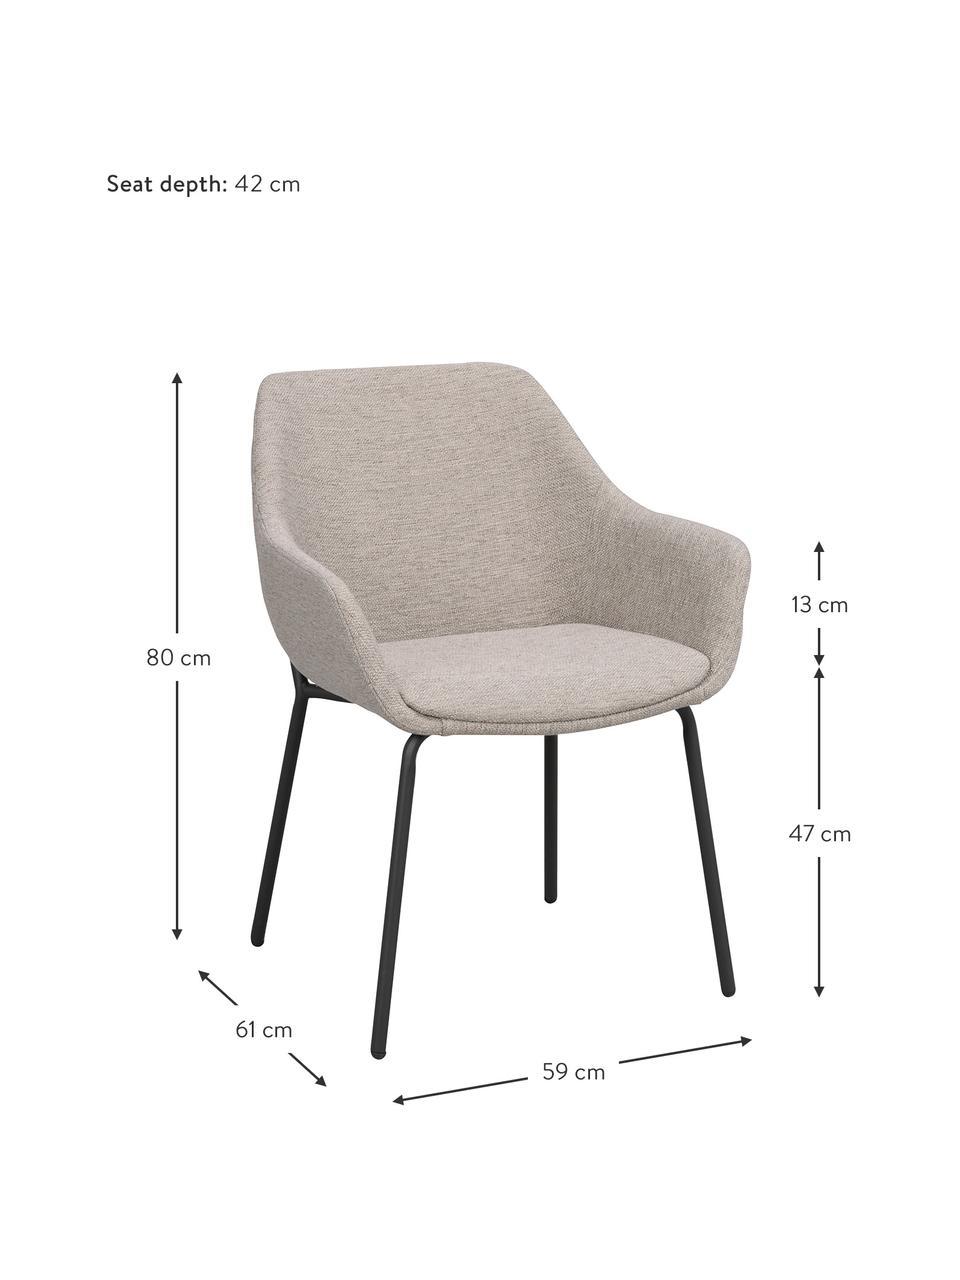 Krzesło tapicerowane z metalowymi nogami Haley, Tapicerka: 100% polipropylen, Stelaż: drewno warstwowe, Nogi: metal powlekany, Jasny szary, czarny, S 59 x G 61 cm